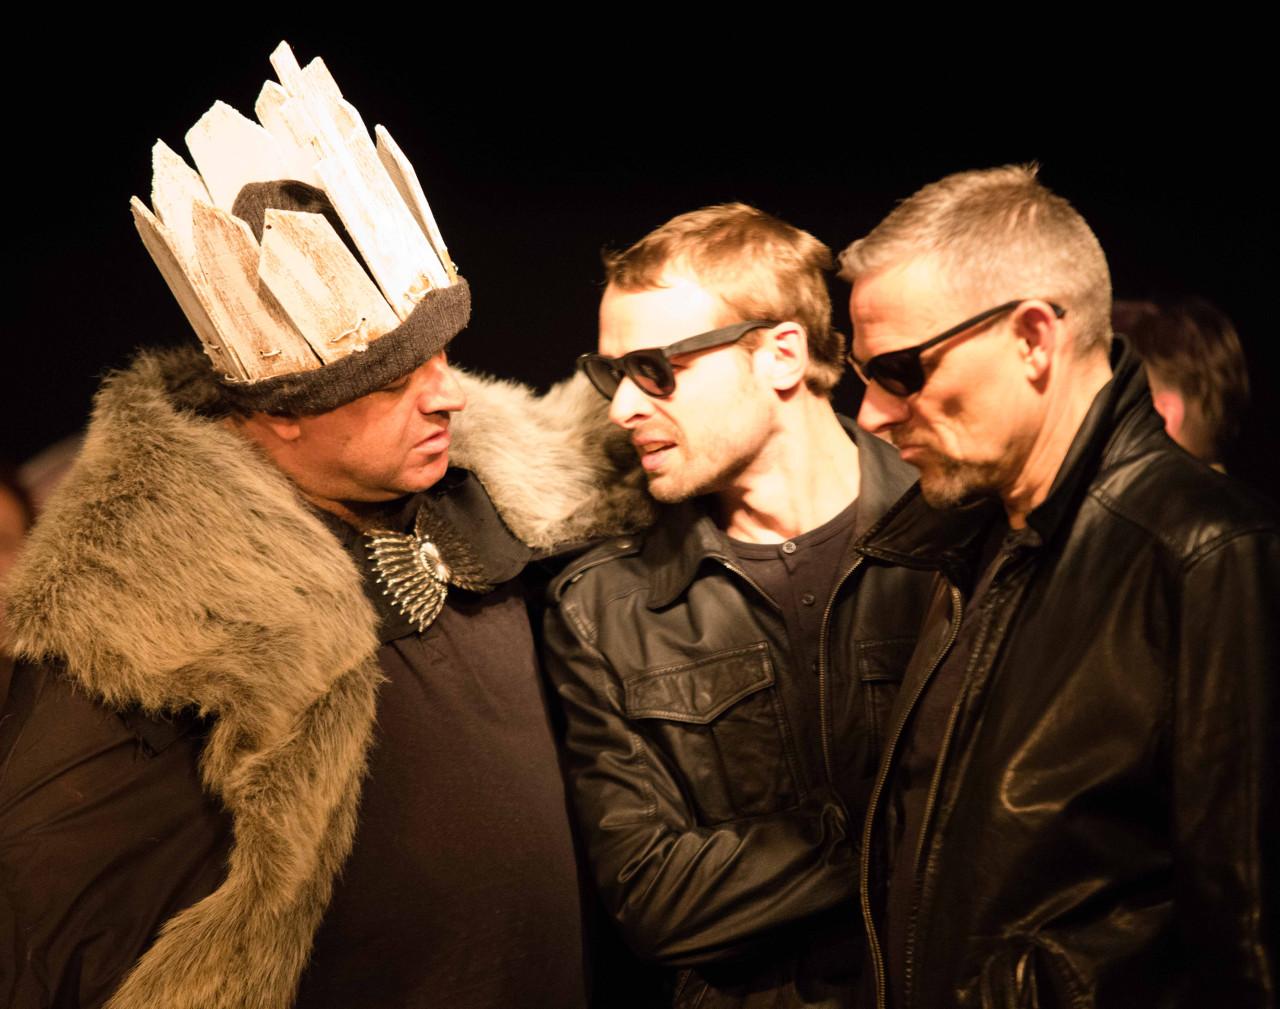 Die Mörder berichten Macbeth